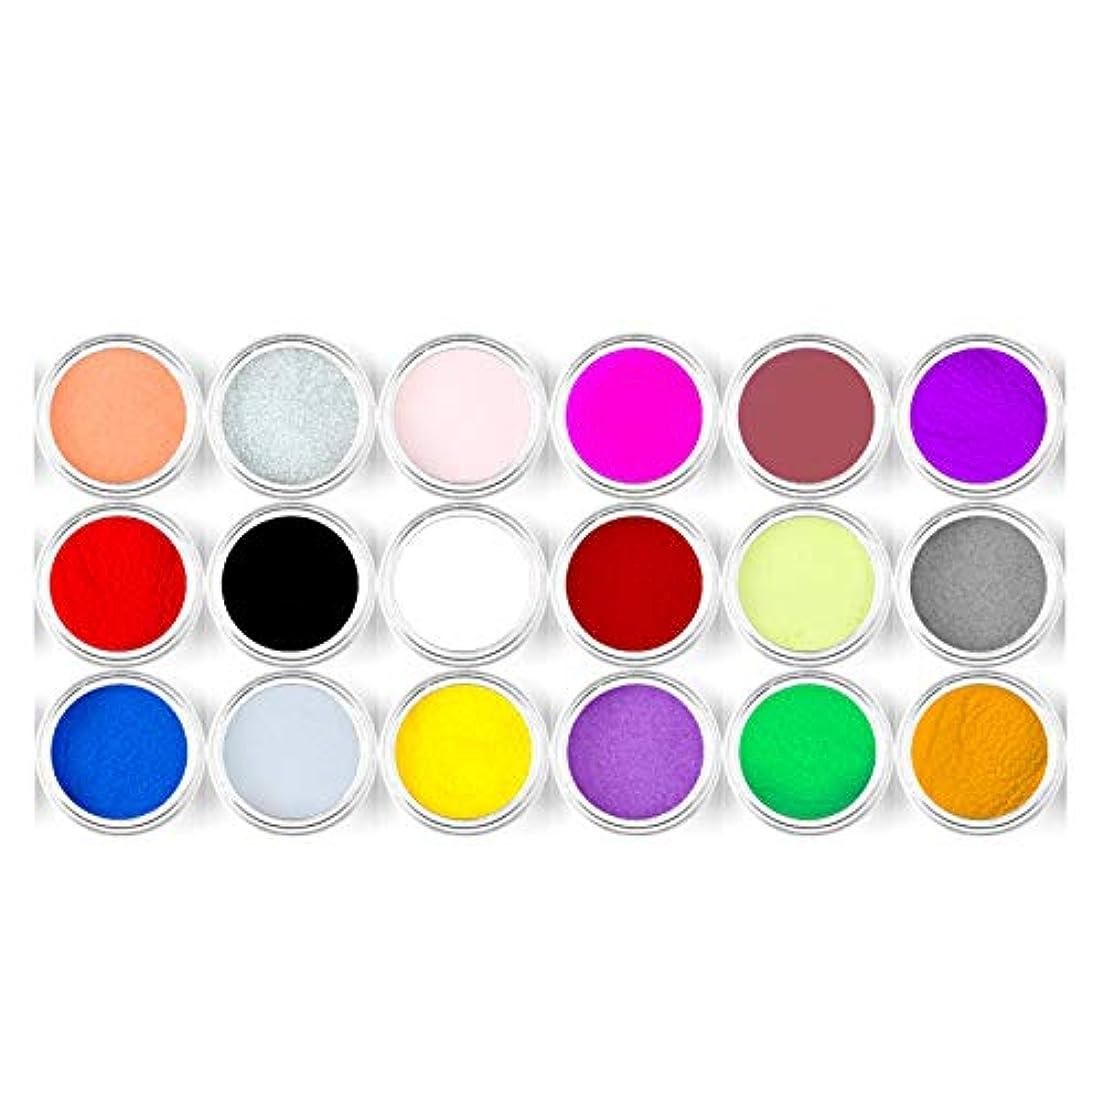 浮く中庭採用する18色アクリルパウダーネイルアート用ネイルアートパウダースパークルダストアクリルUVパウダーダストカービング彫刻顔料